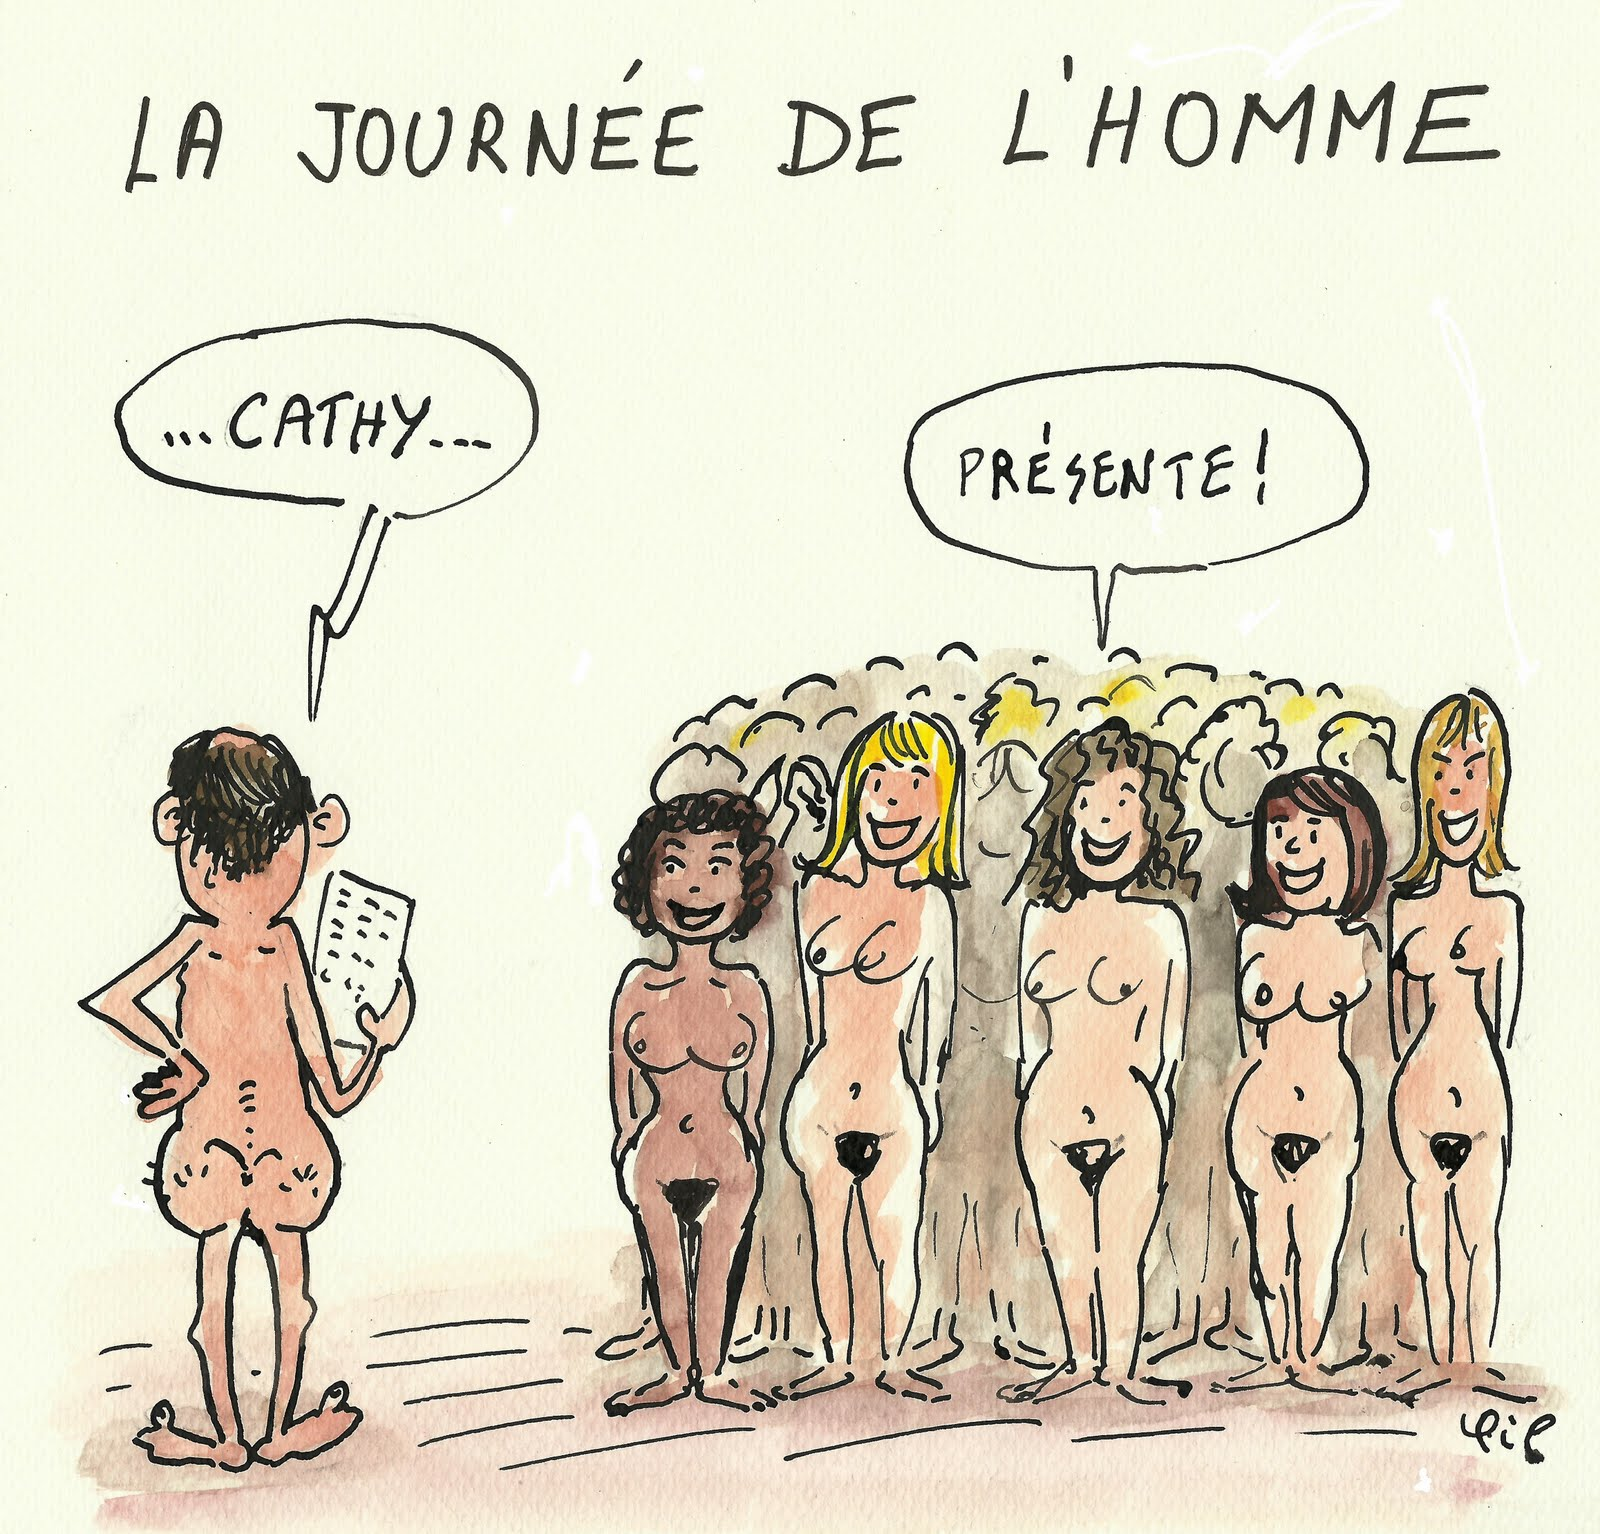 la_journ_e_de_l_homme